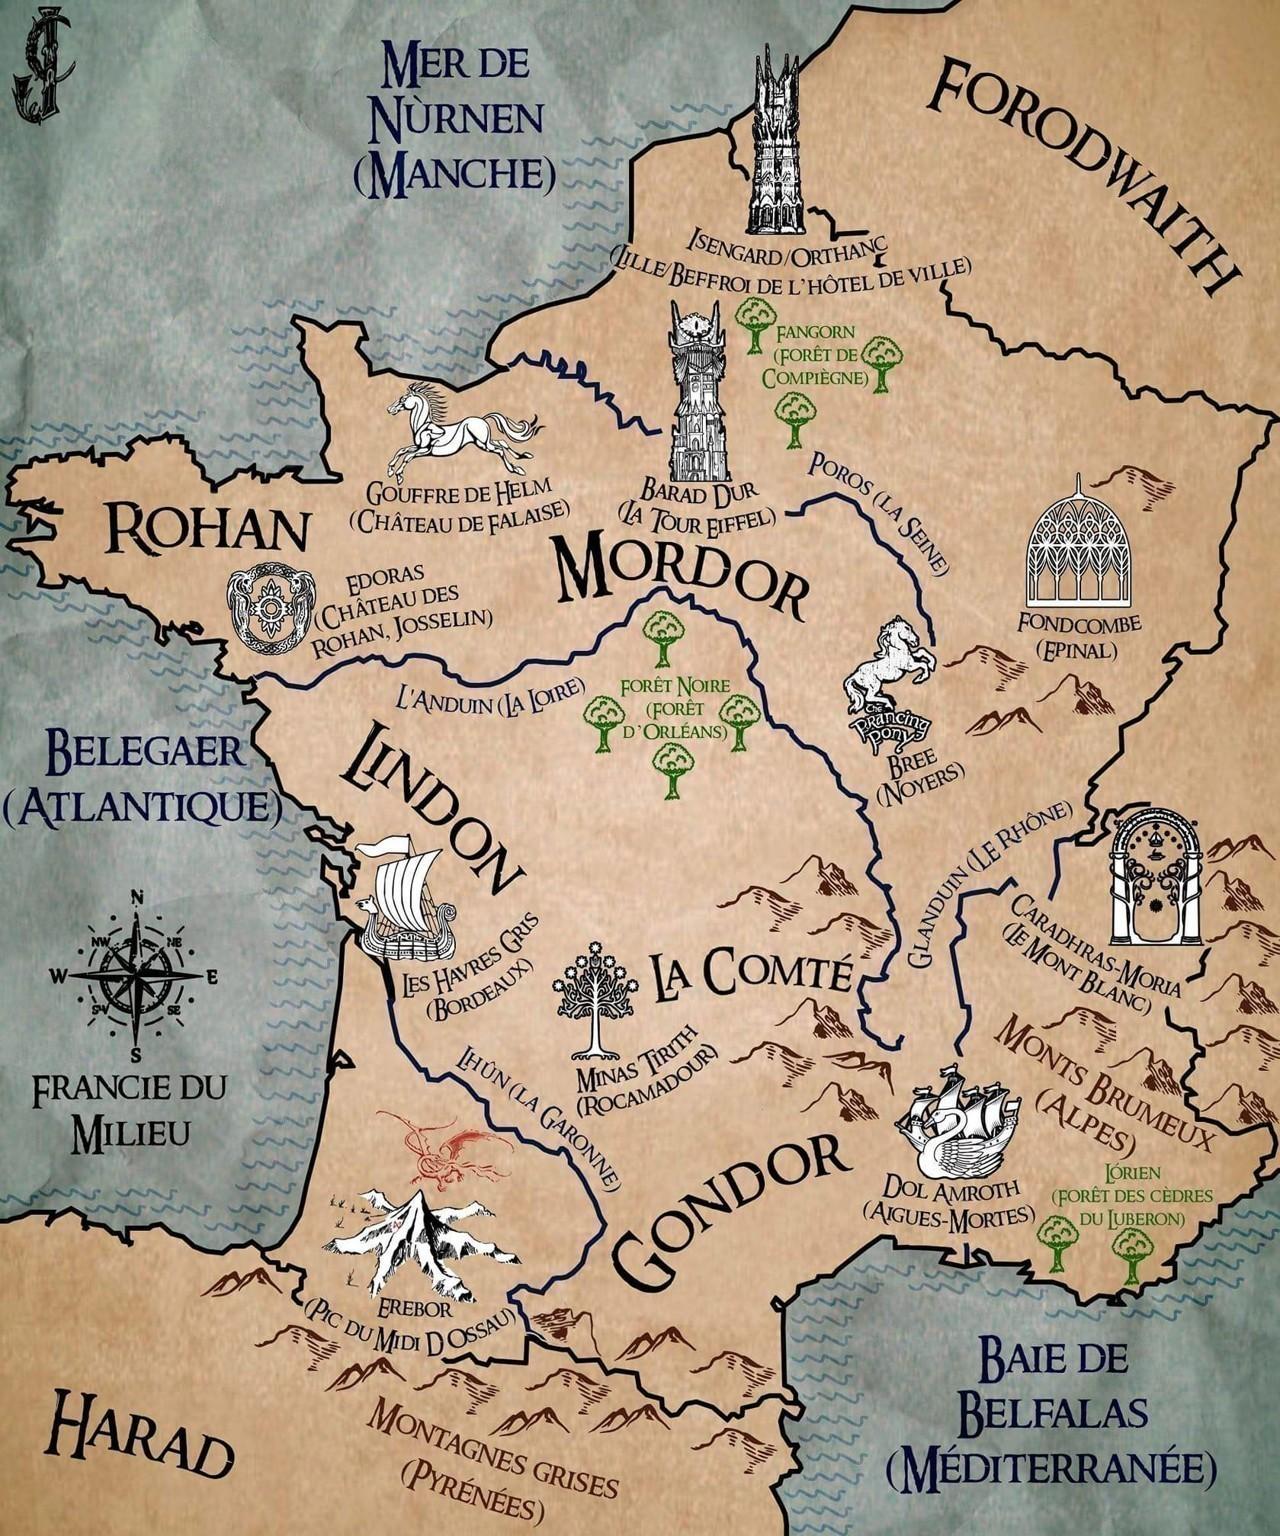 Le Seigneur Des Anneaux Carte : seigneur, anneaux, carte, Josselin, Château, Rohan, Devient, Edoras, Carte, Seigneur, Anneaux, Ploërmelais